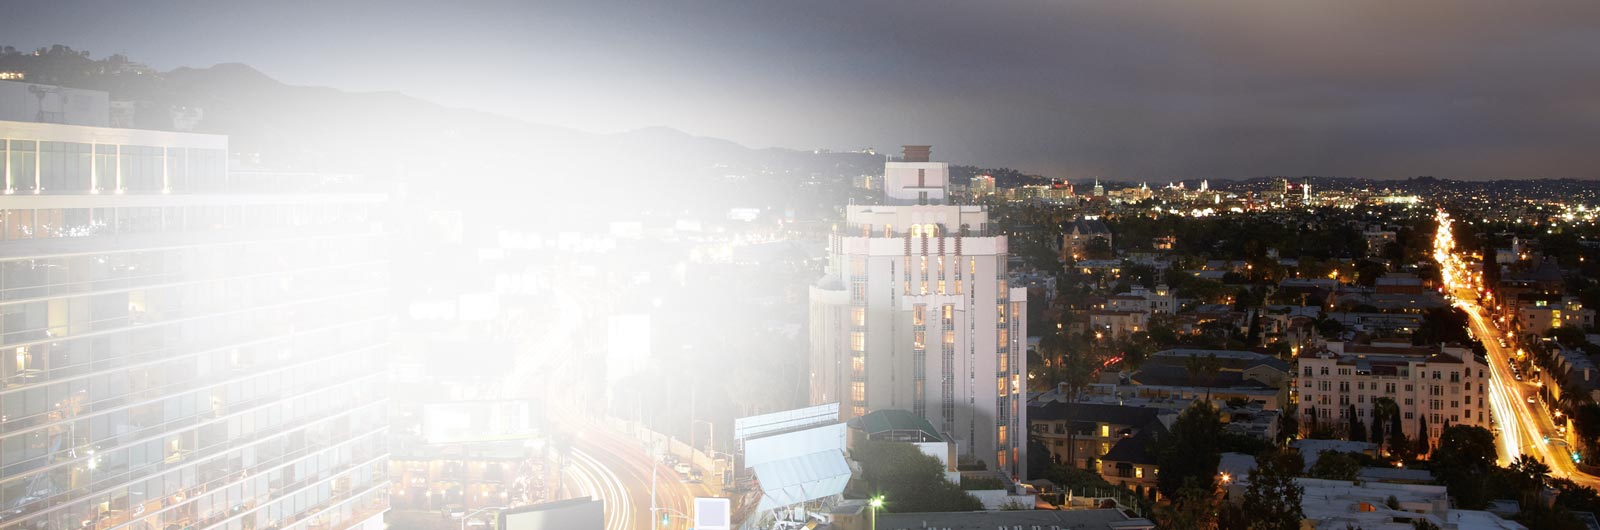 Een nachtelijk uitzicht over een grote stad. Lees v